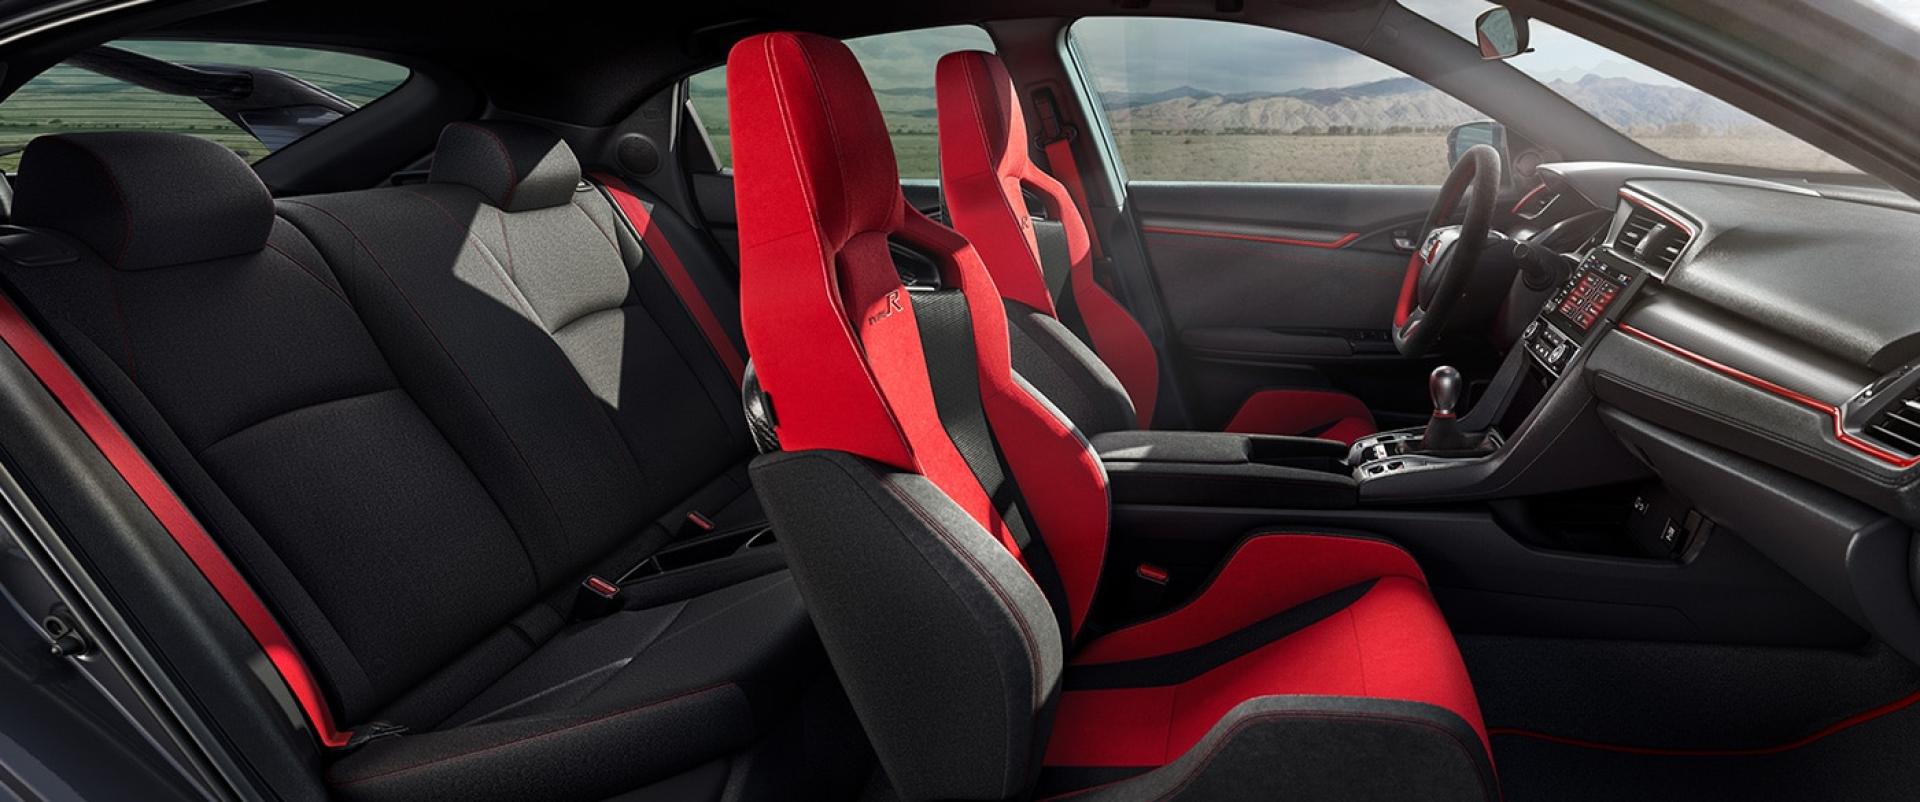 Honda_Civic_Type_R_Interior_Cabin